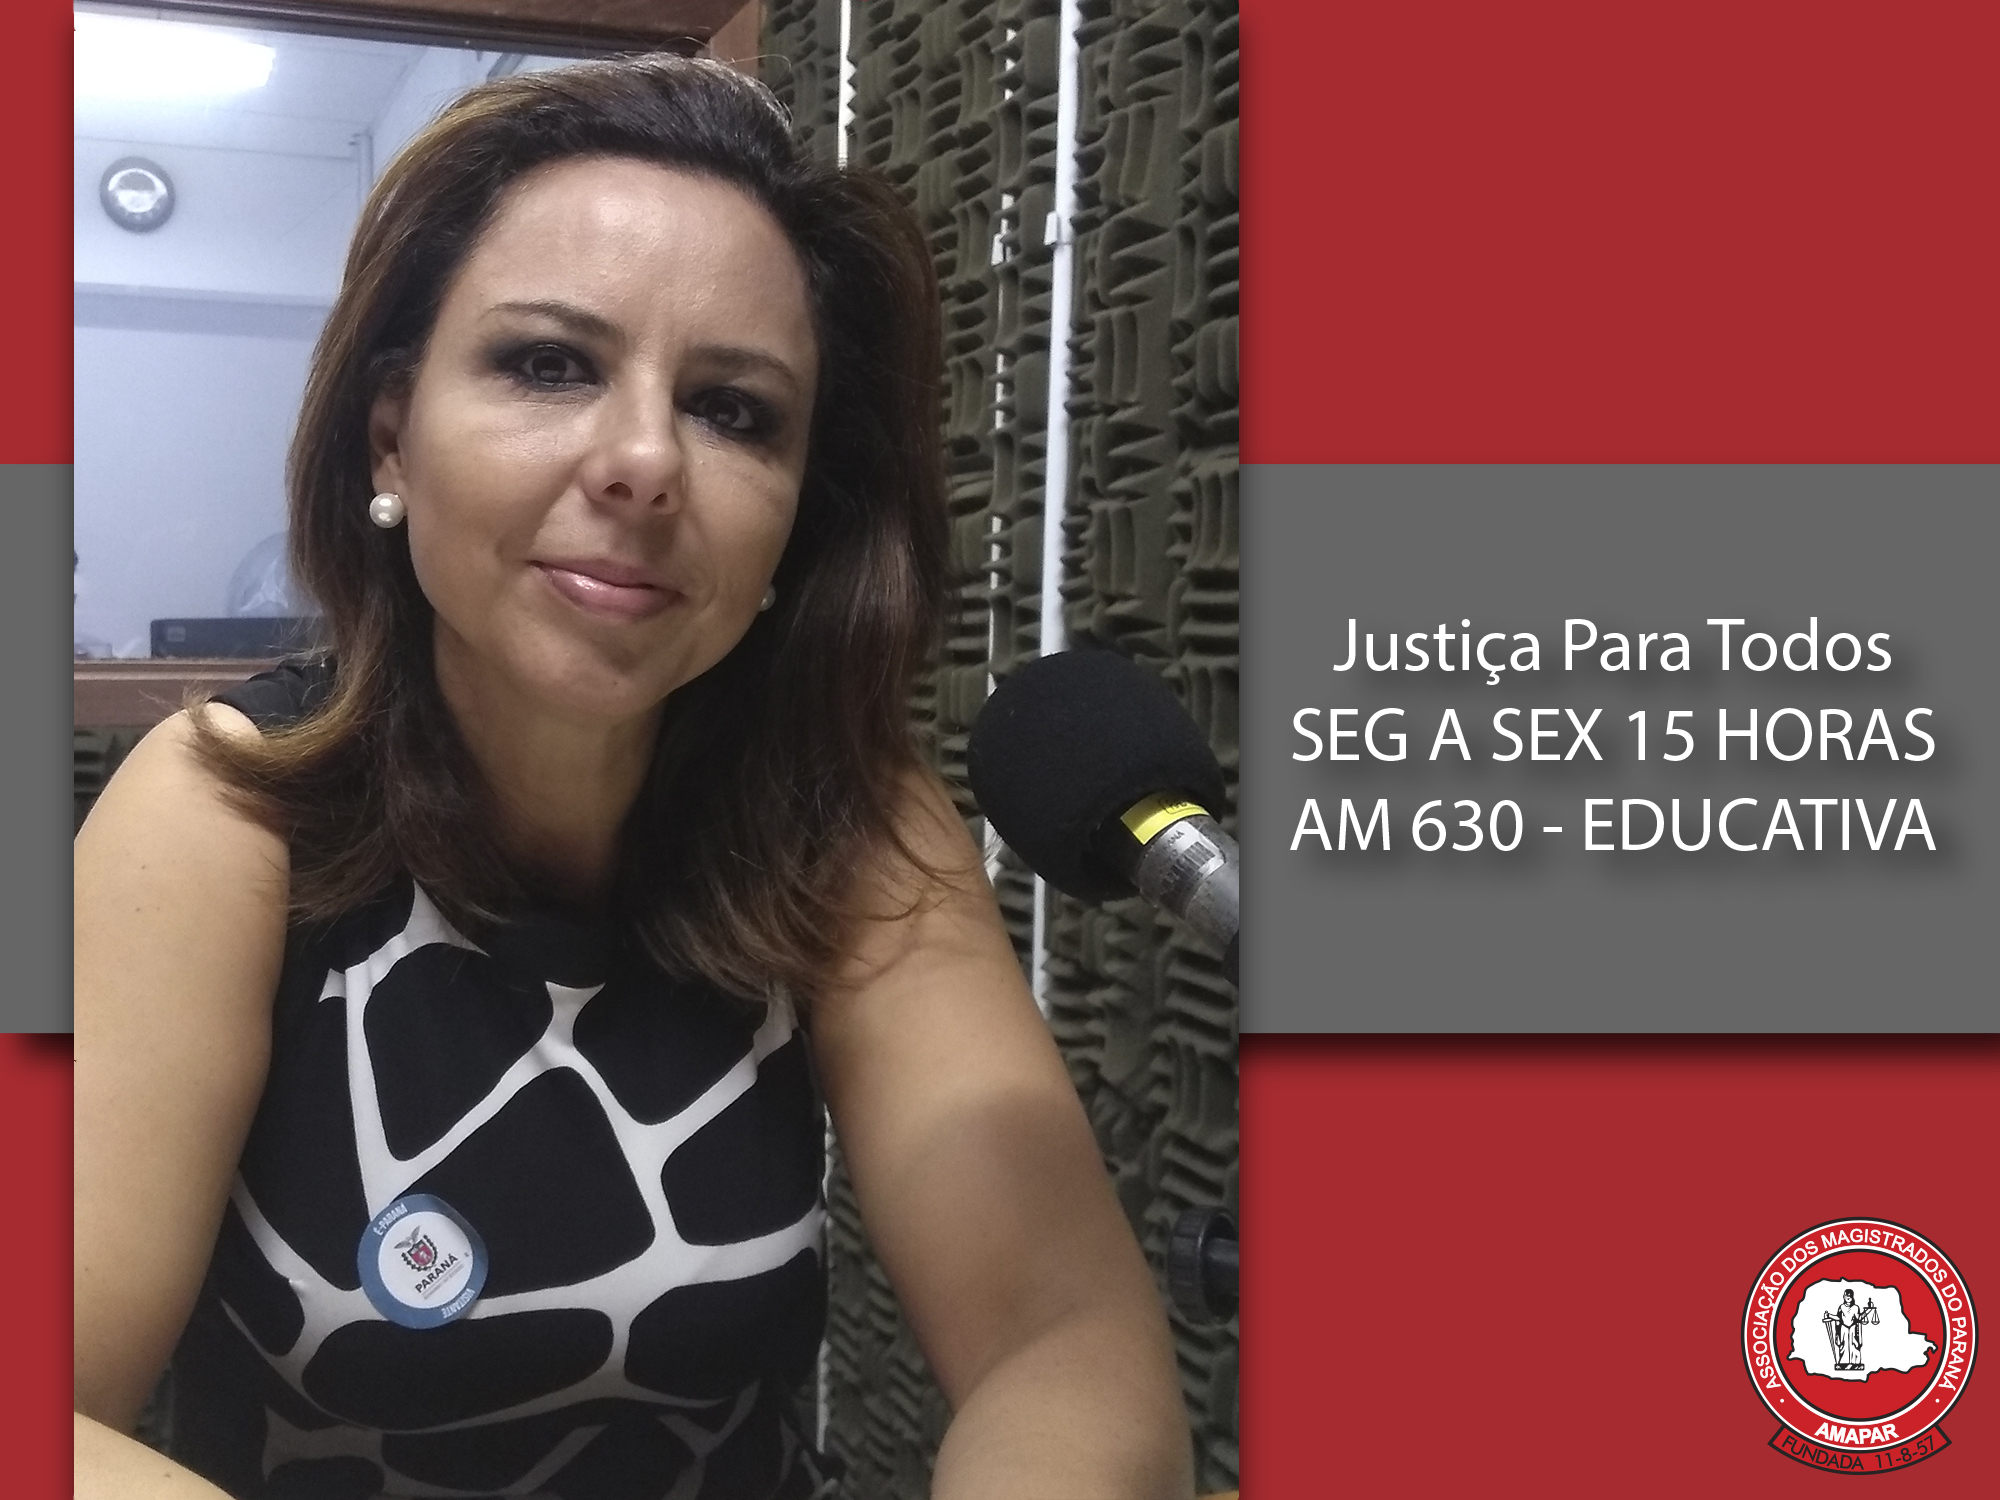 Justiça Para Todos traz informações sobre autorizações de viagem para crianças e adolescentes